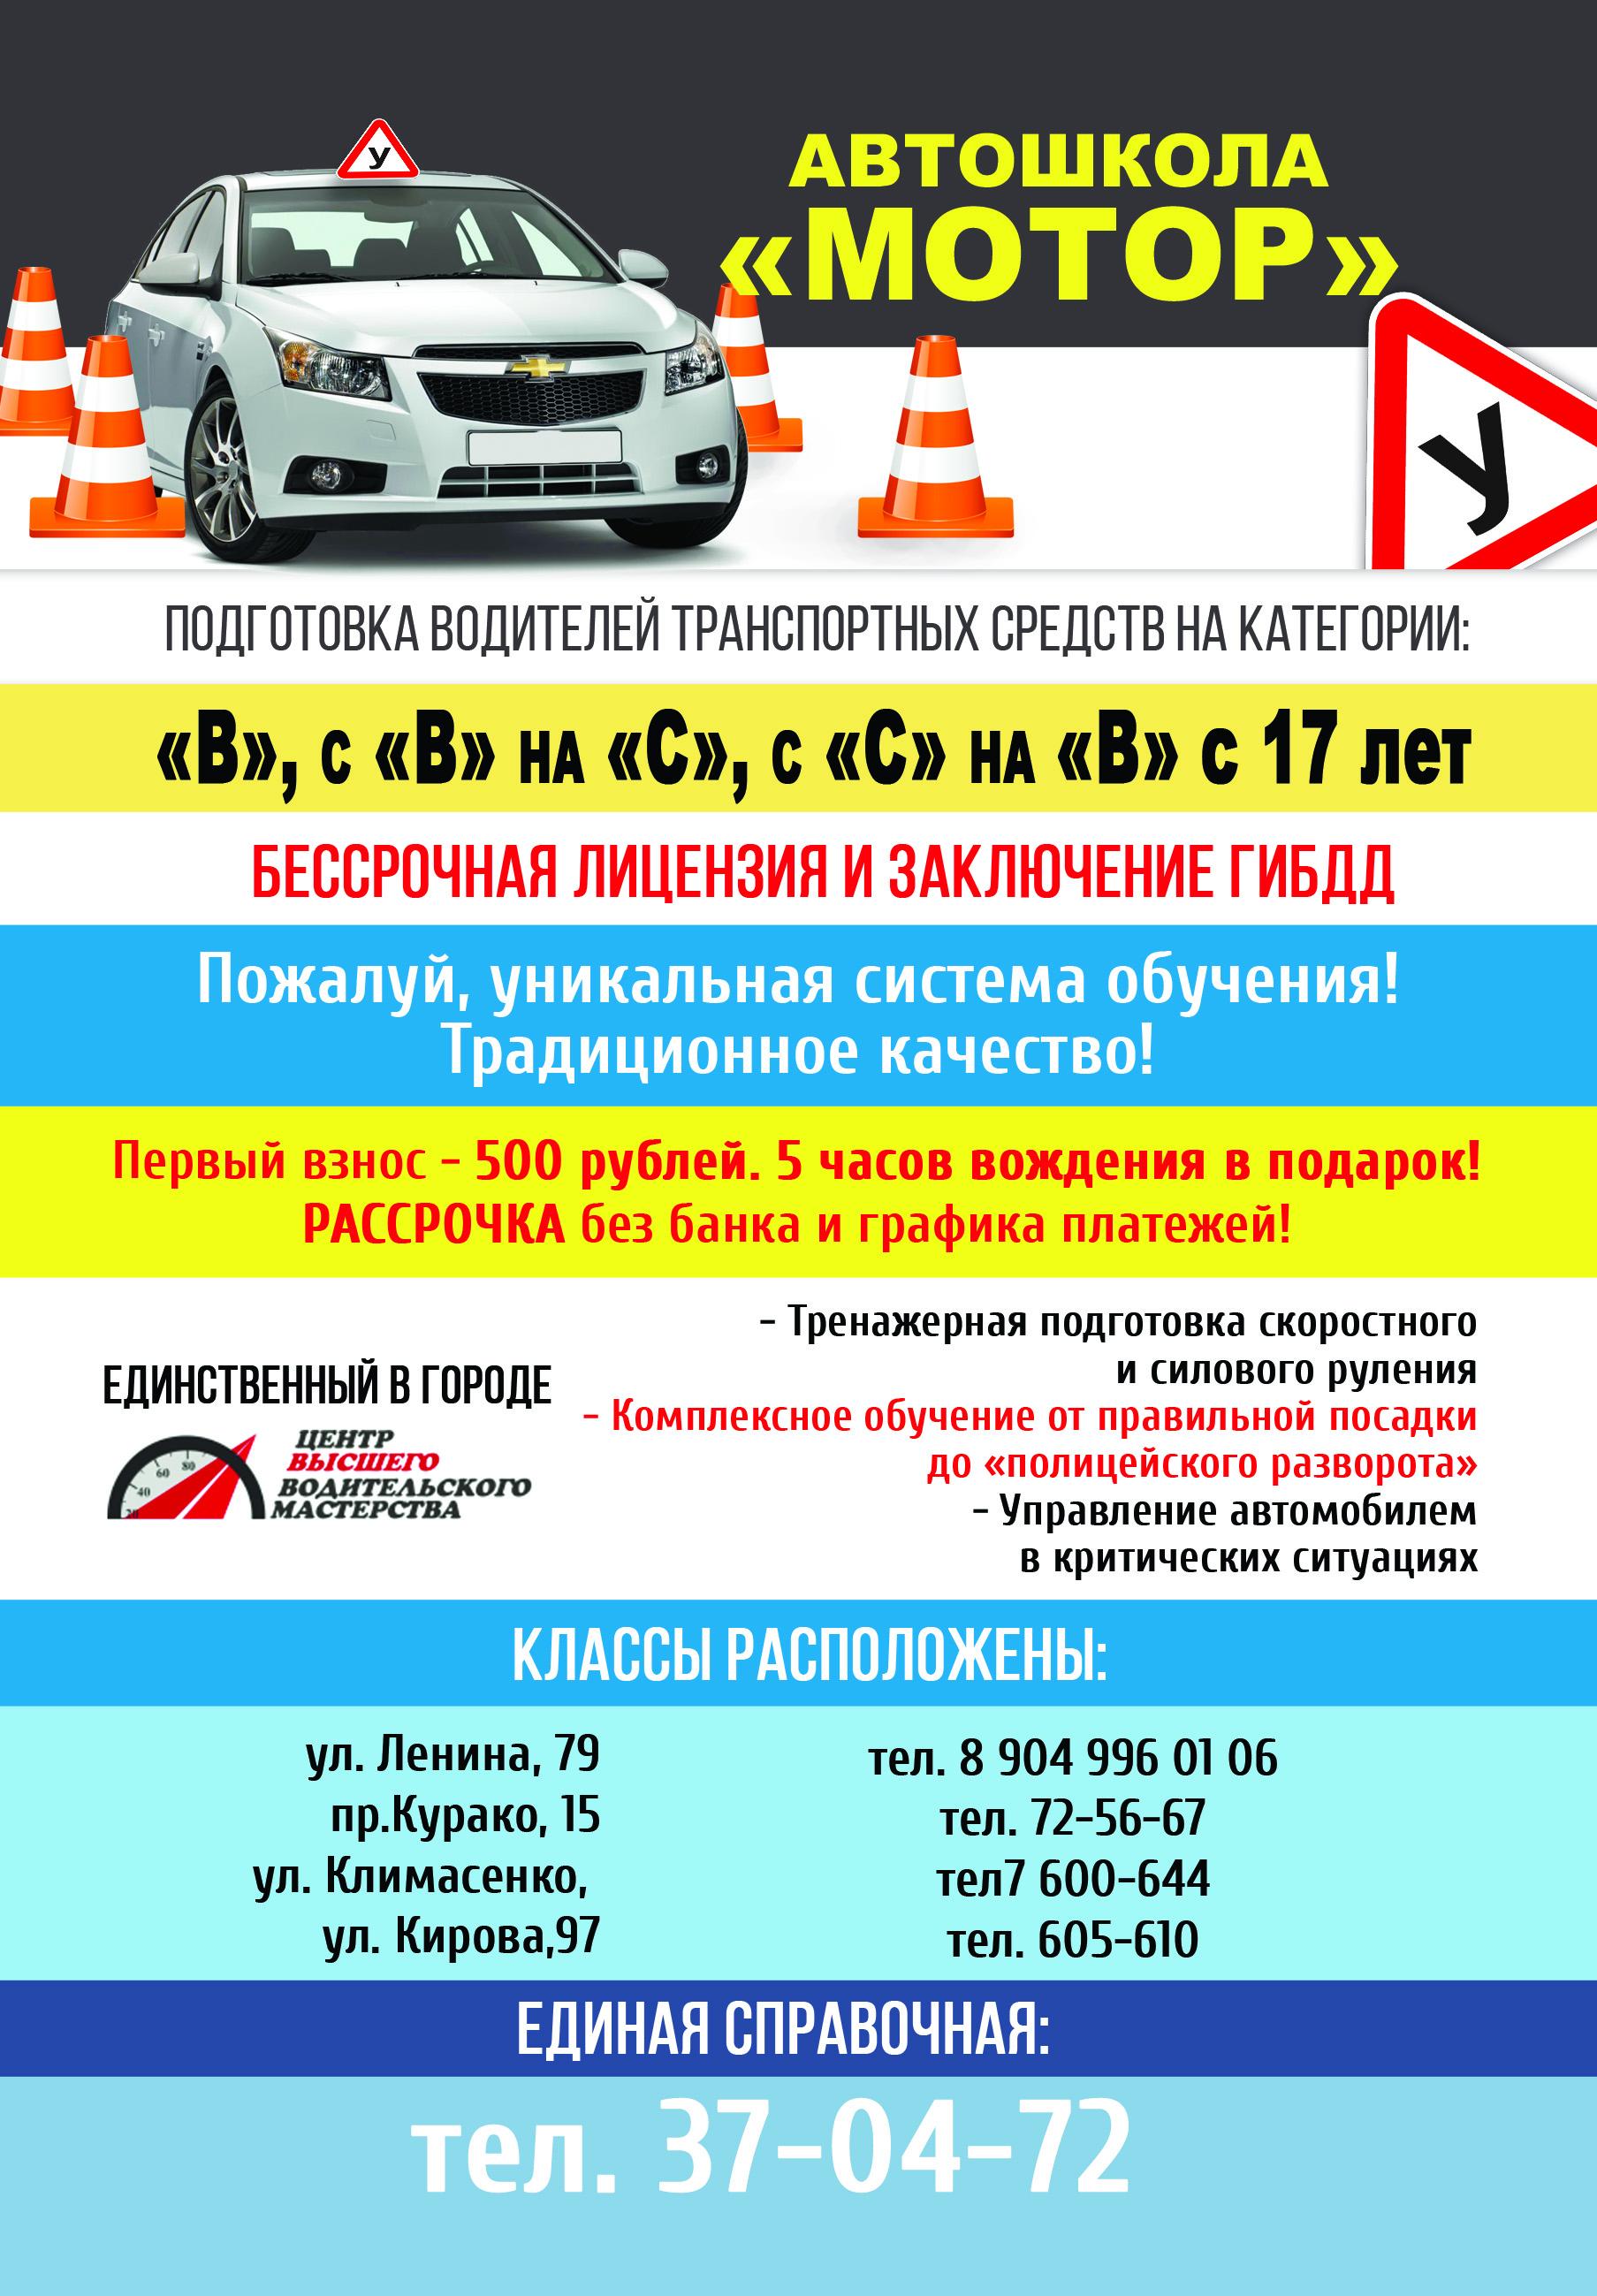 """Рекламные макеты для ООО """"Гауди"""" - 2"""